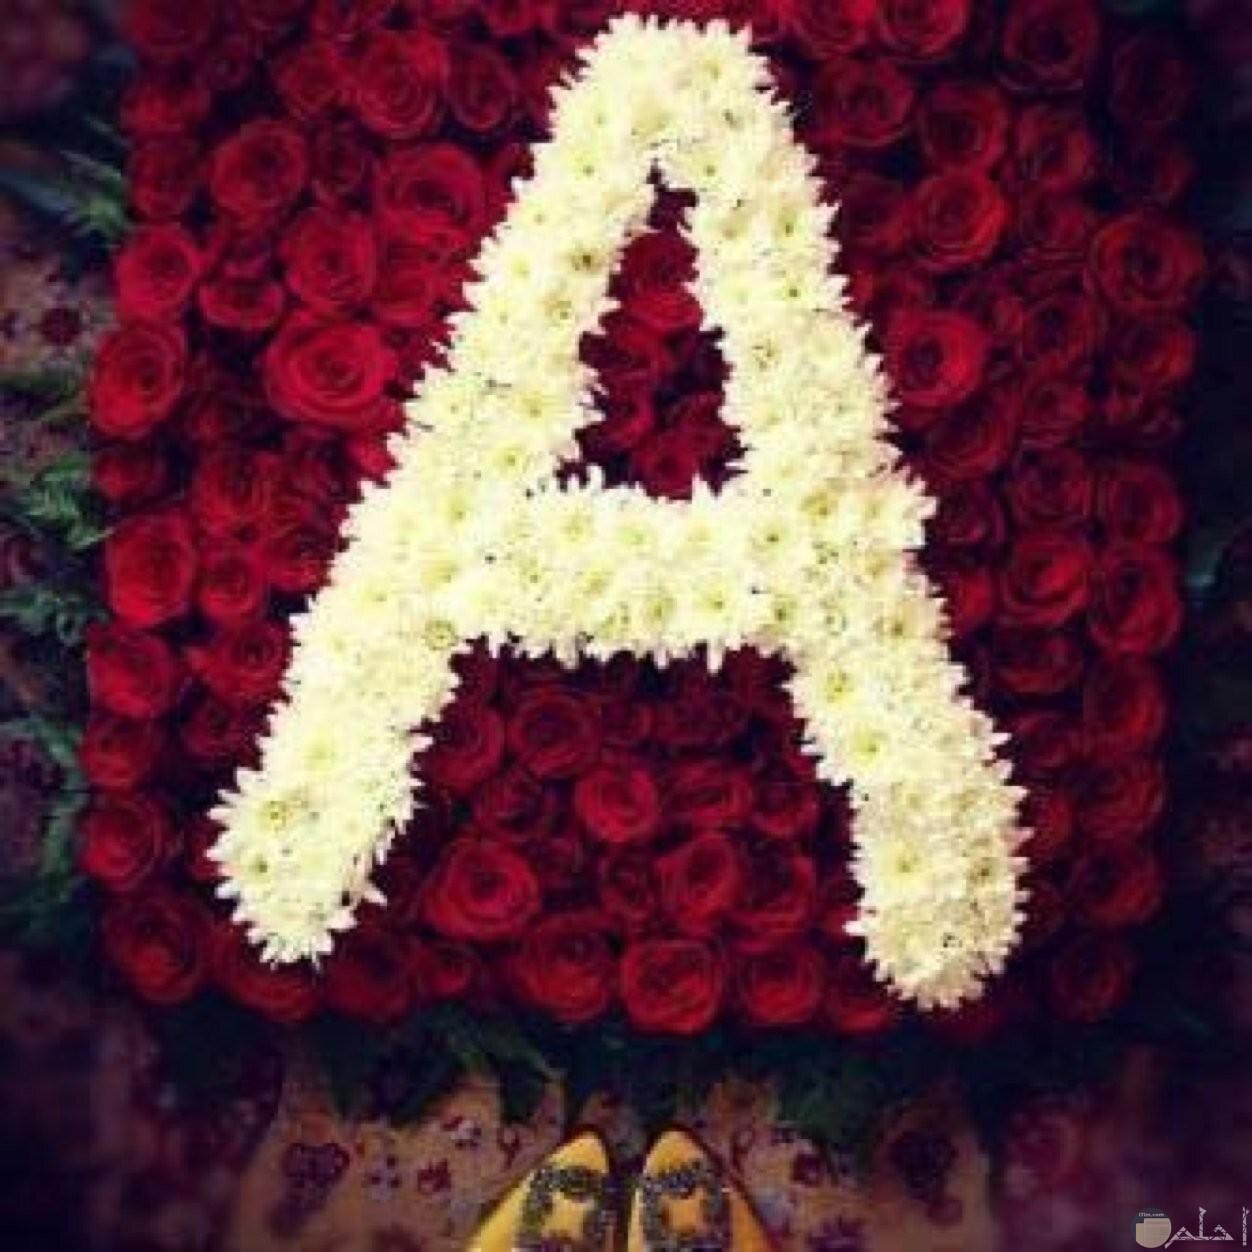 حرف A بخلفية ورد رائعة